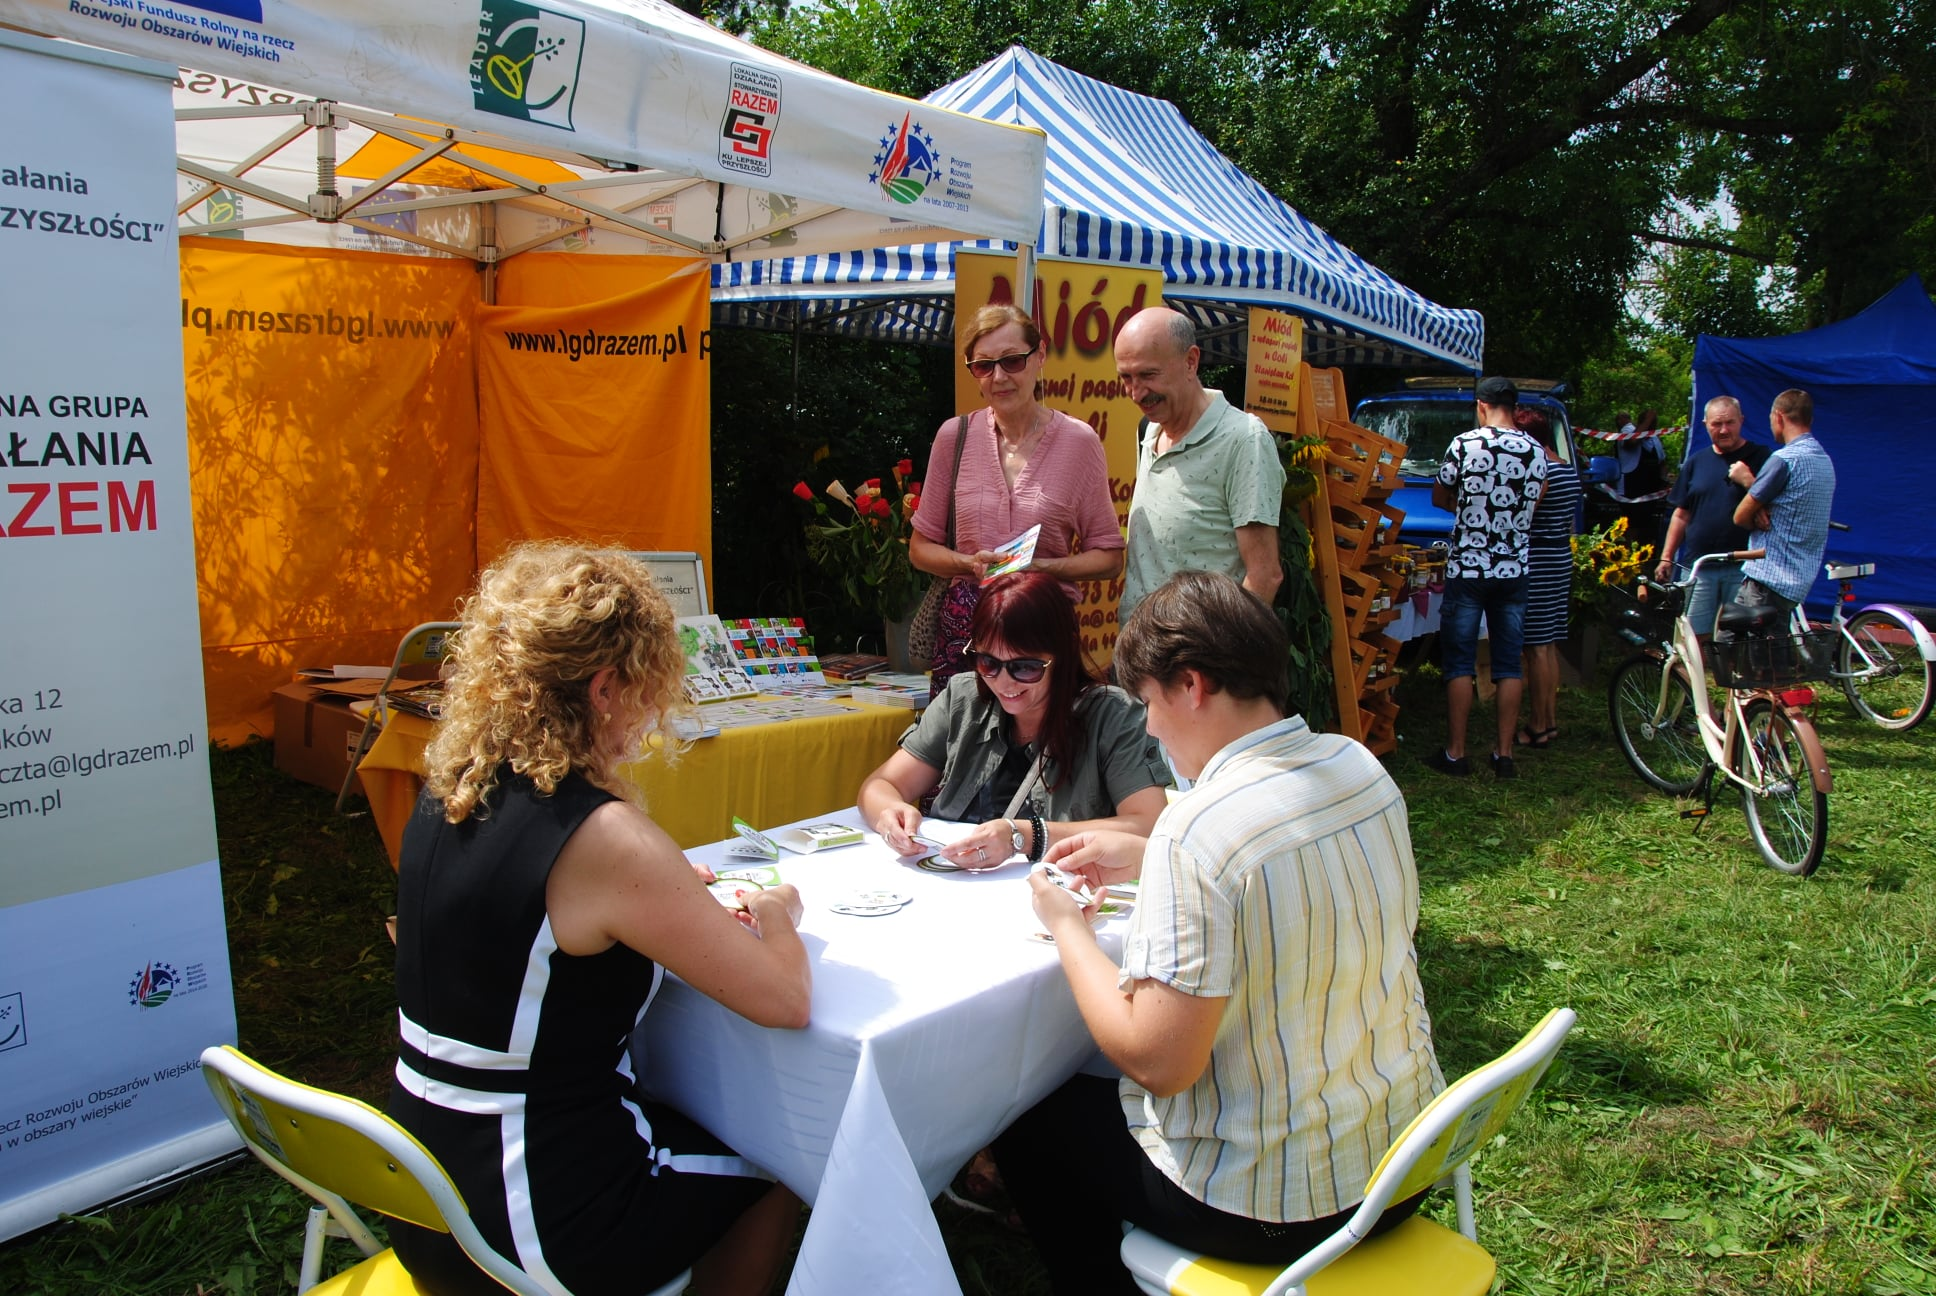 ŁUKÓW. LGD promuje Ziemię Łukowską grą karcianą typu dobble (WIDEO)  - Zdjęcie główne